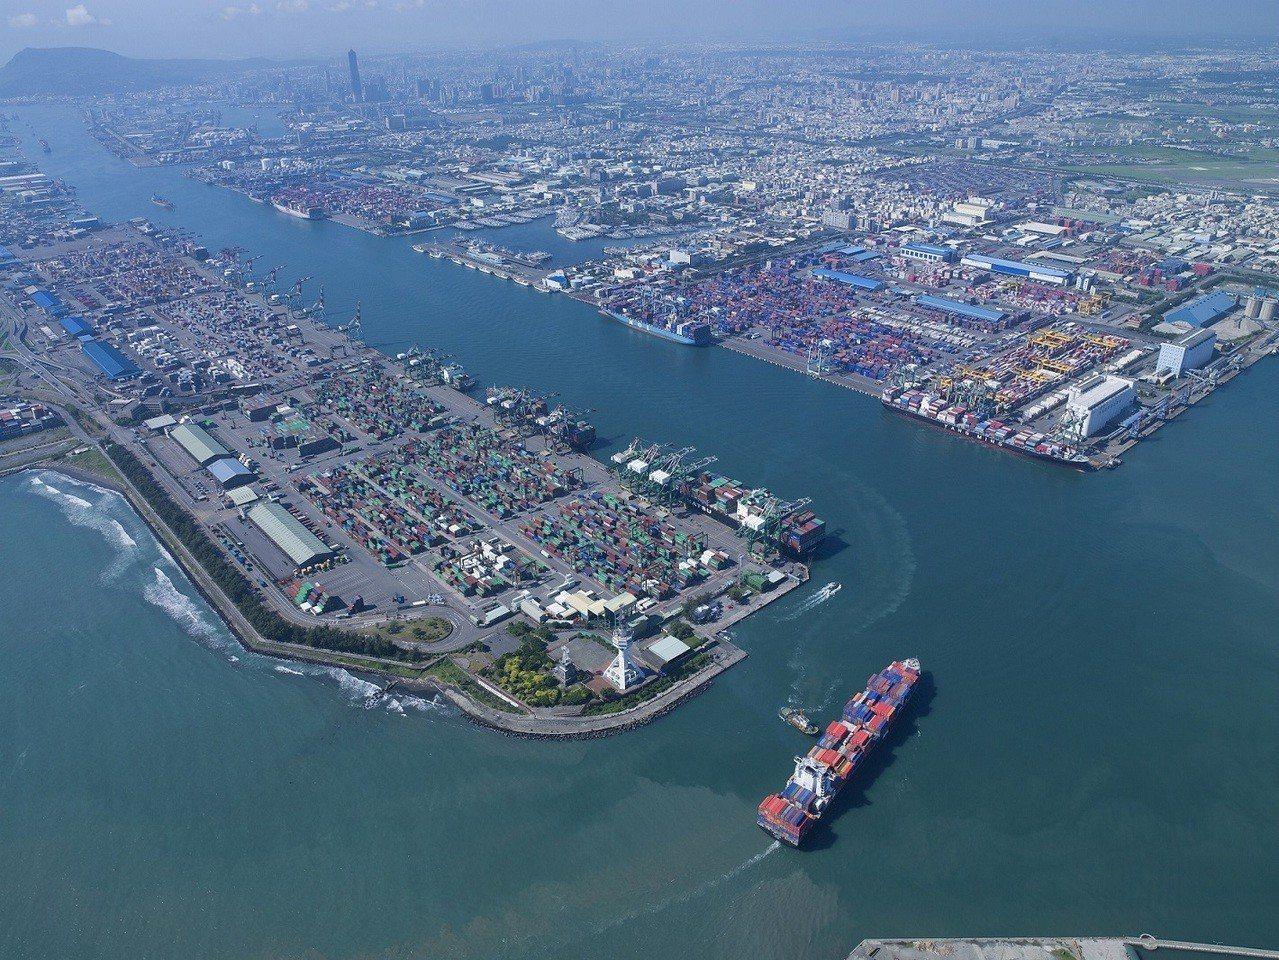 第一階段自由經濟示範區,第一波公布區位包括六海一空自由貿易港區,高雄港是其中之一...